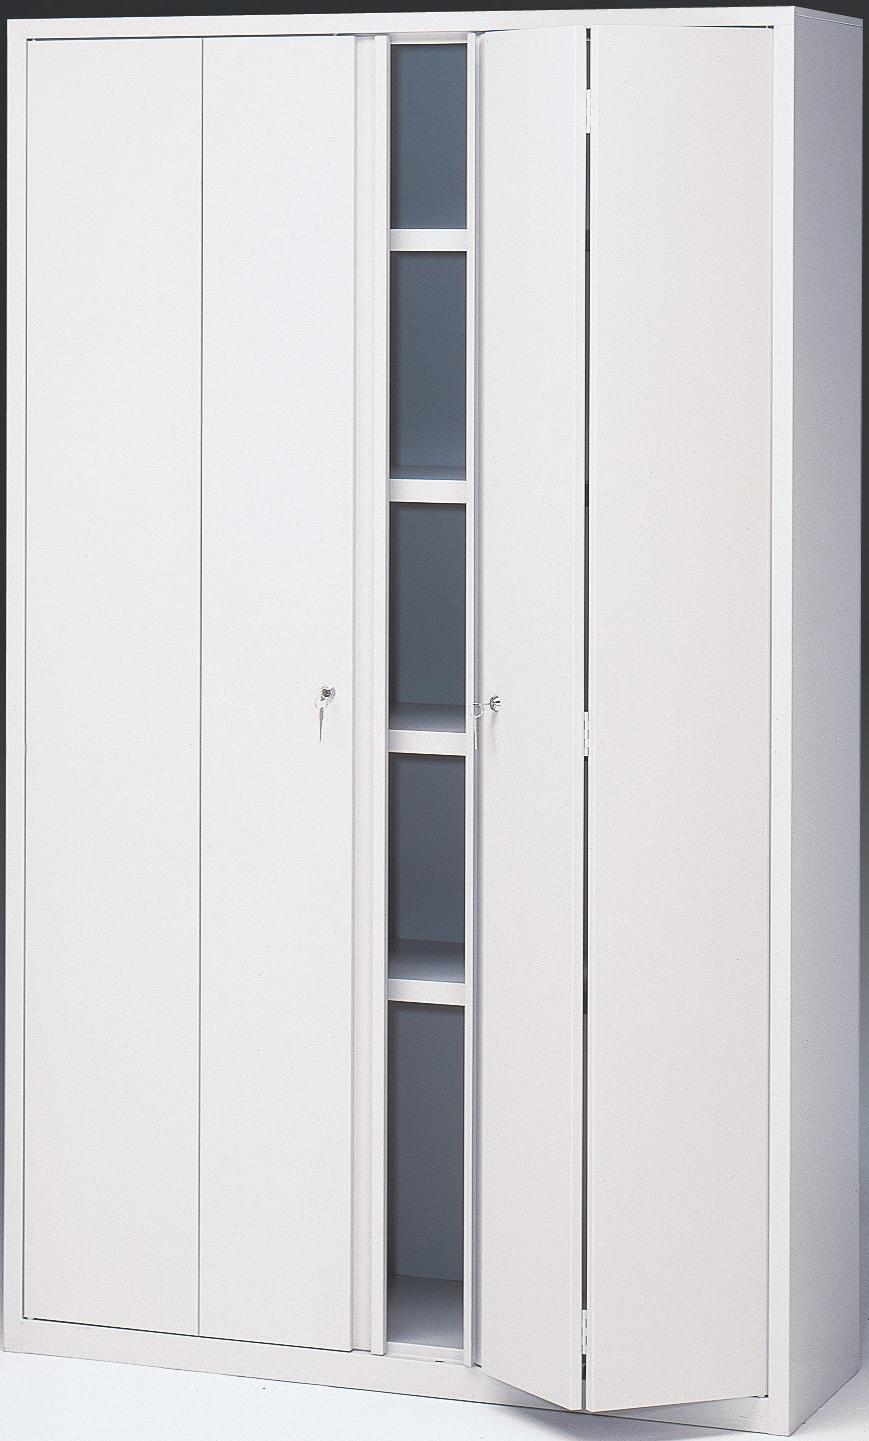 Puertas Plegables Armarios Fmdf Armario Metà Lico Puerta Plegable Armarios Metà Licos Armarios Y